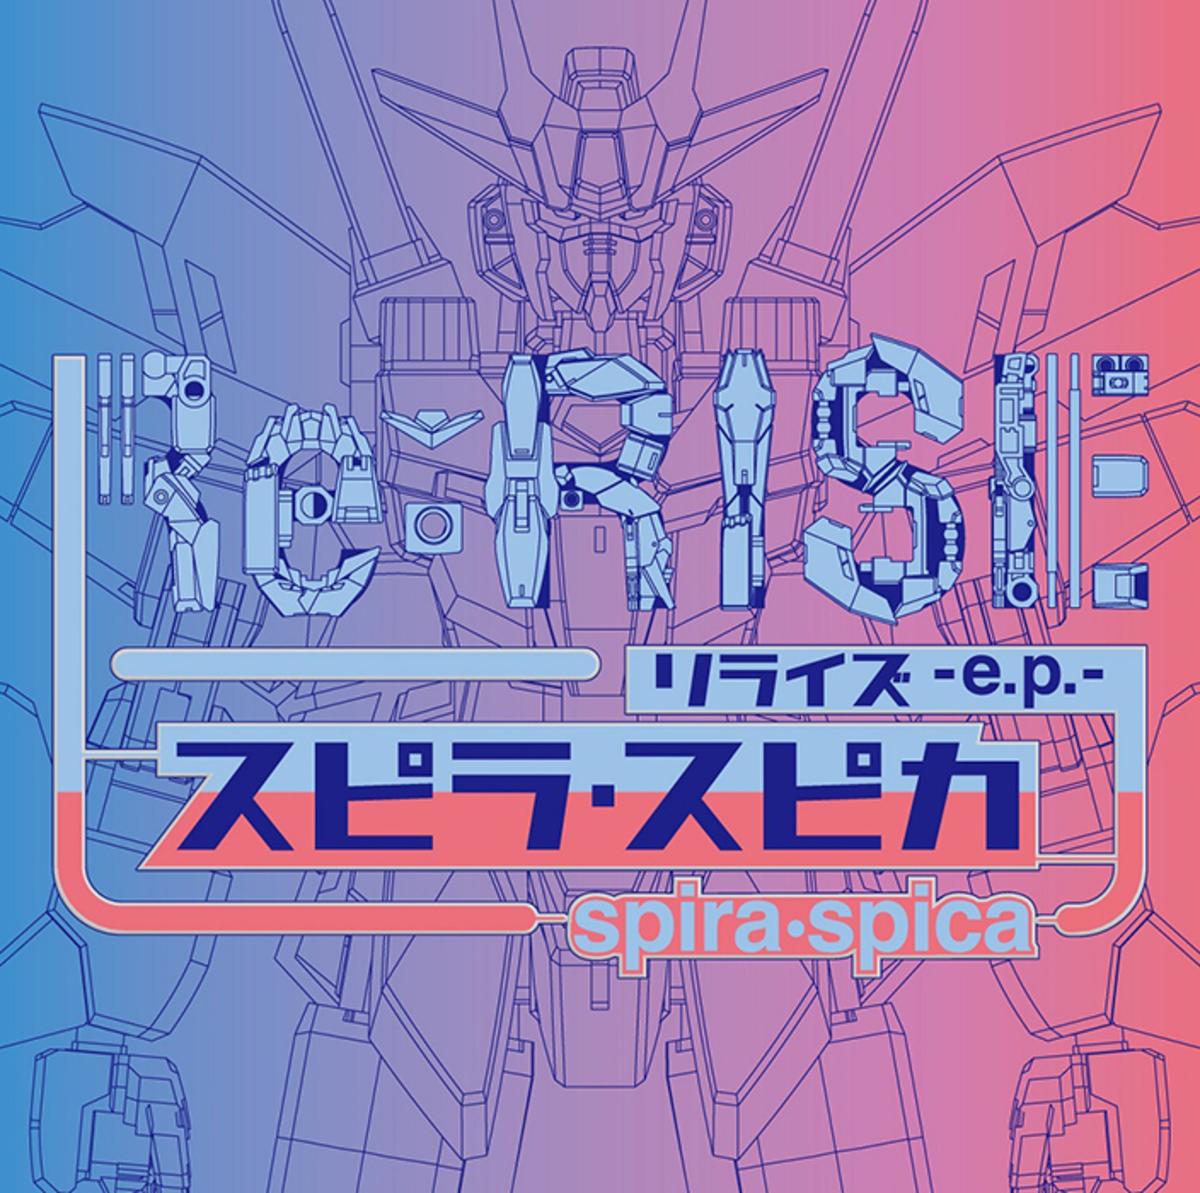 『スピラ・スピカ - ETERNAL WIND~ほほえみは光る風の中~』収録の『Re:RISE -e.p.-』ジャケット